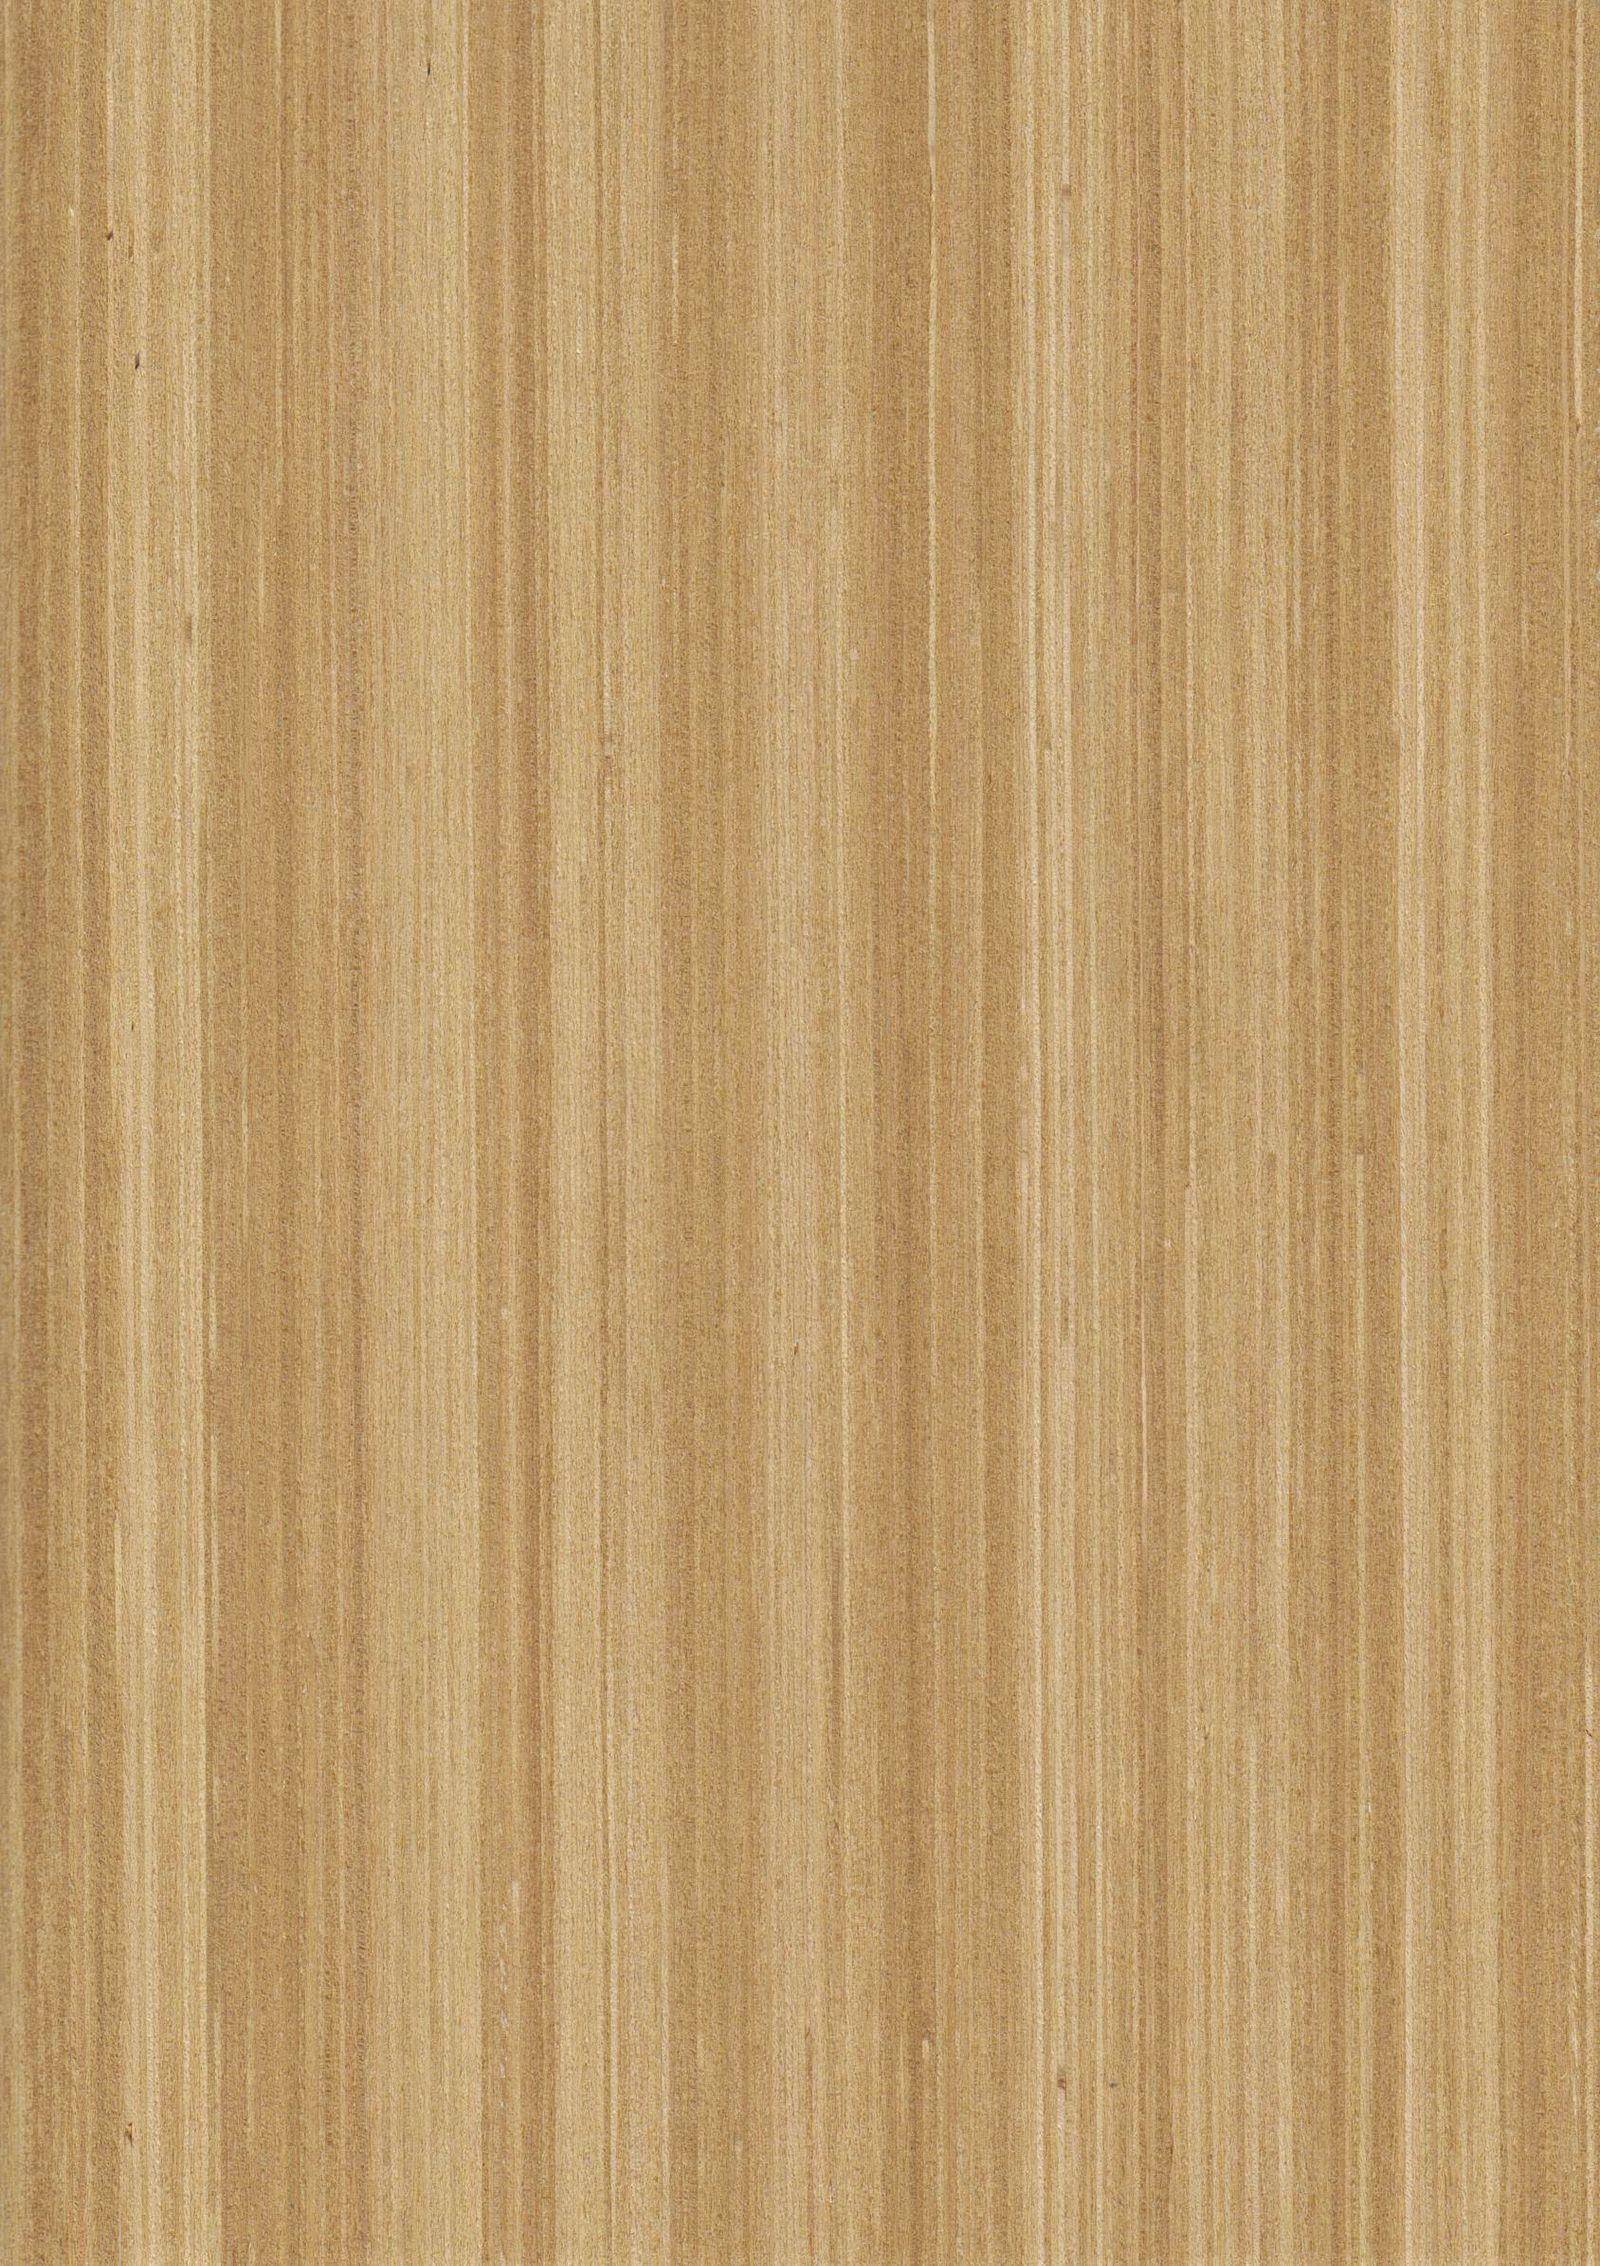 476 Teak Wood Veneers In 2019 Wood Texture Wood Veneer